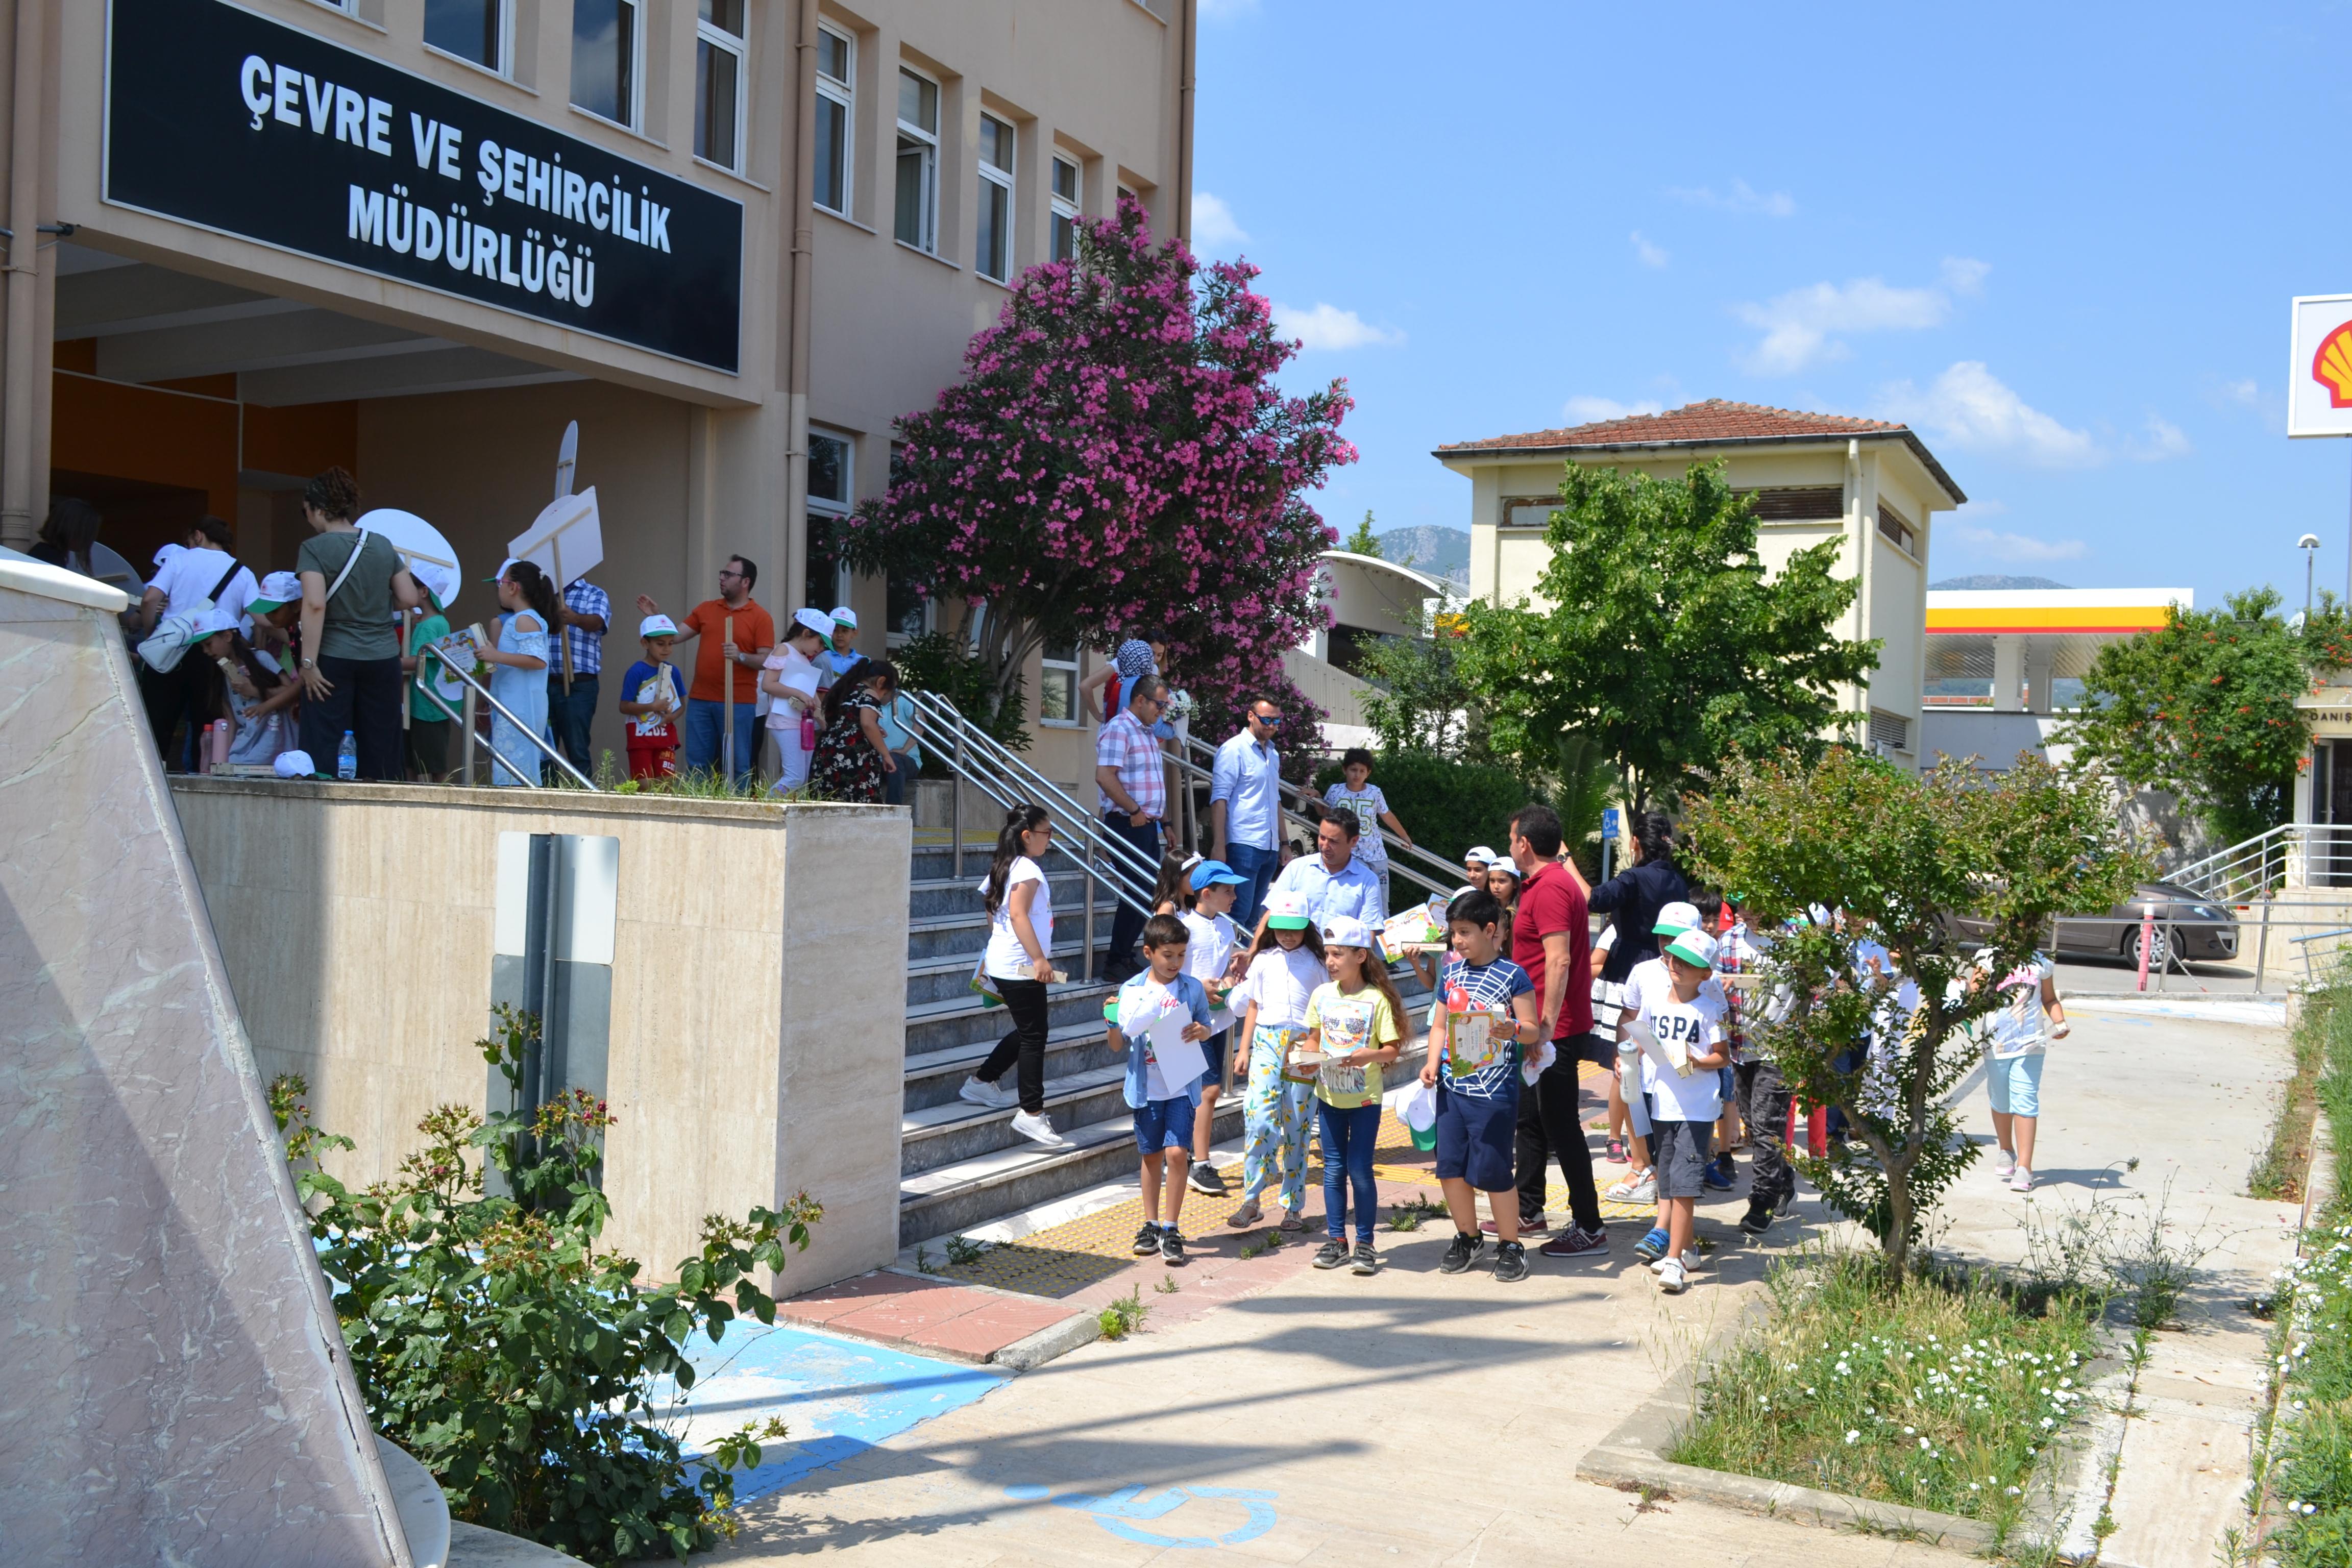 5 Haziran Çevre Günü Kutlamaları Kapsamında Mehmet Suphi Egemen İlkokulu Öğrencilerinin Kurumumuza Ziyareti